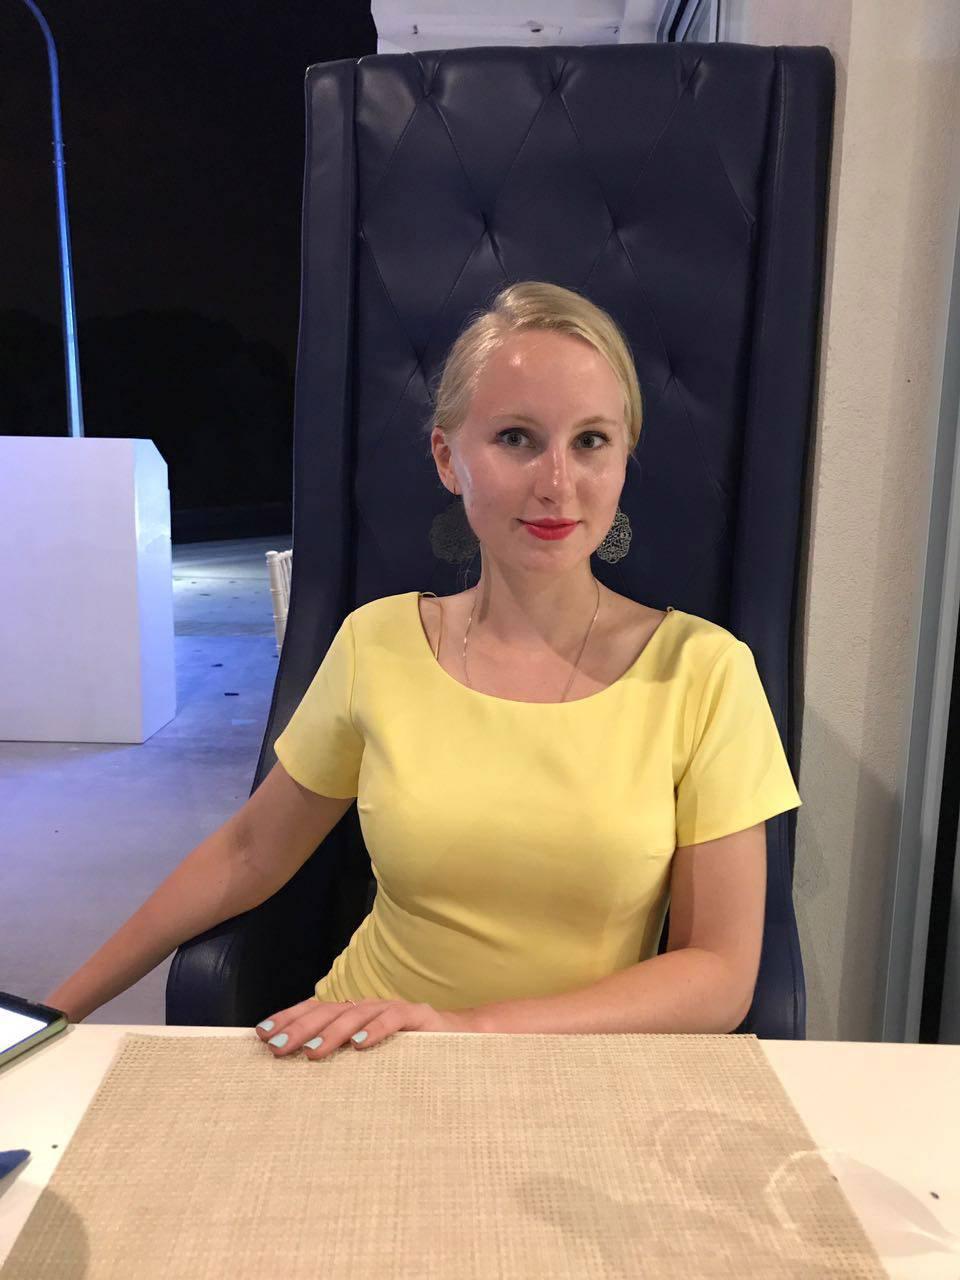 Я в нашем кипрском офисе. Работаю переводчиком с китайского и английского